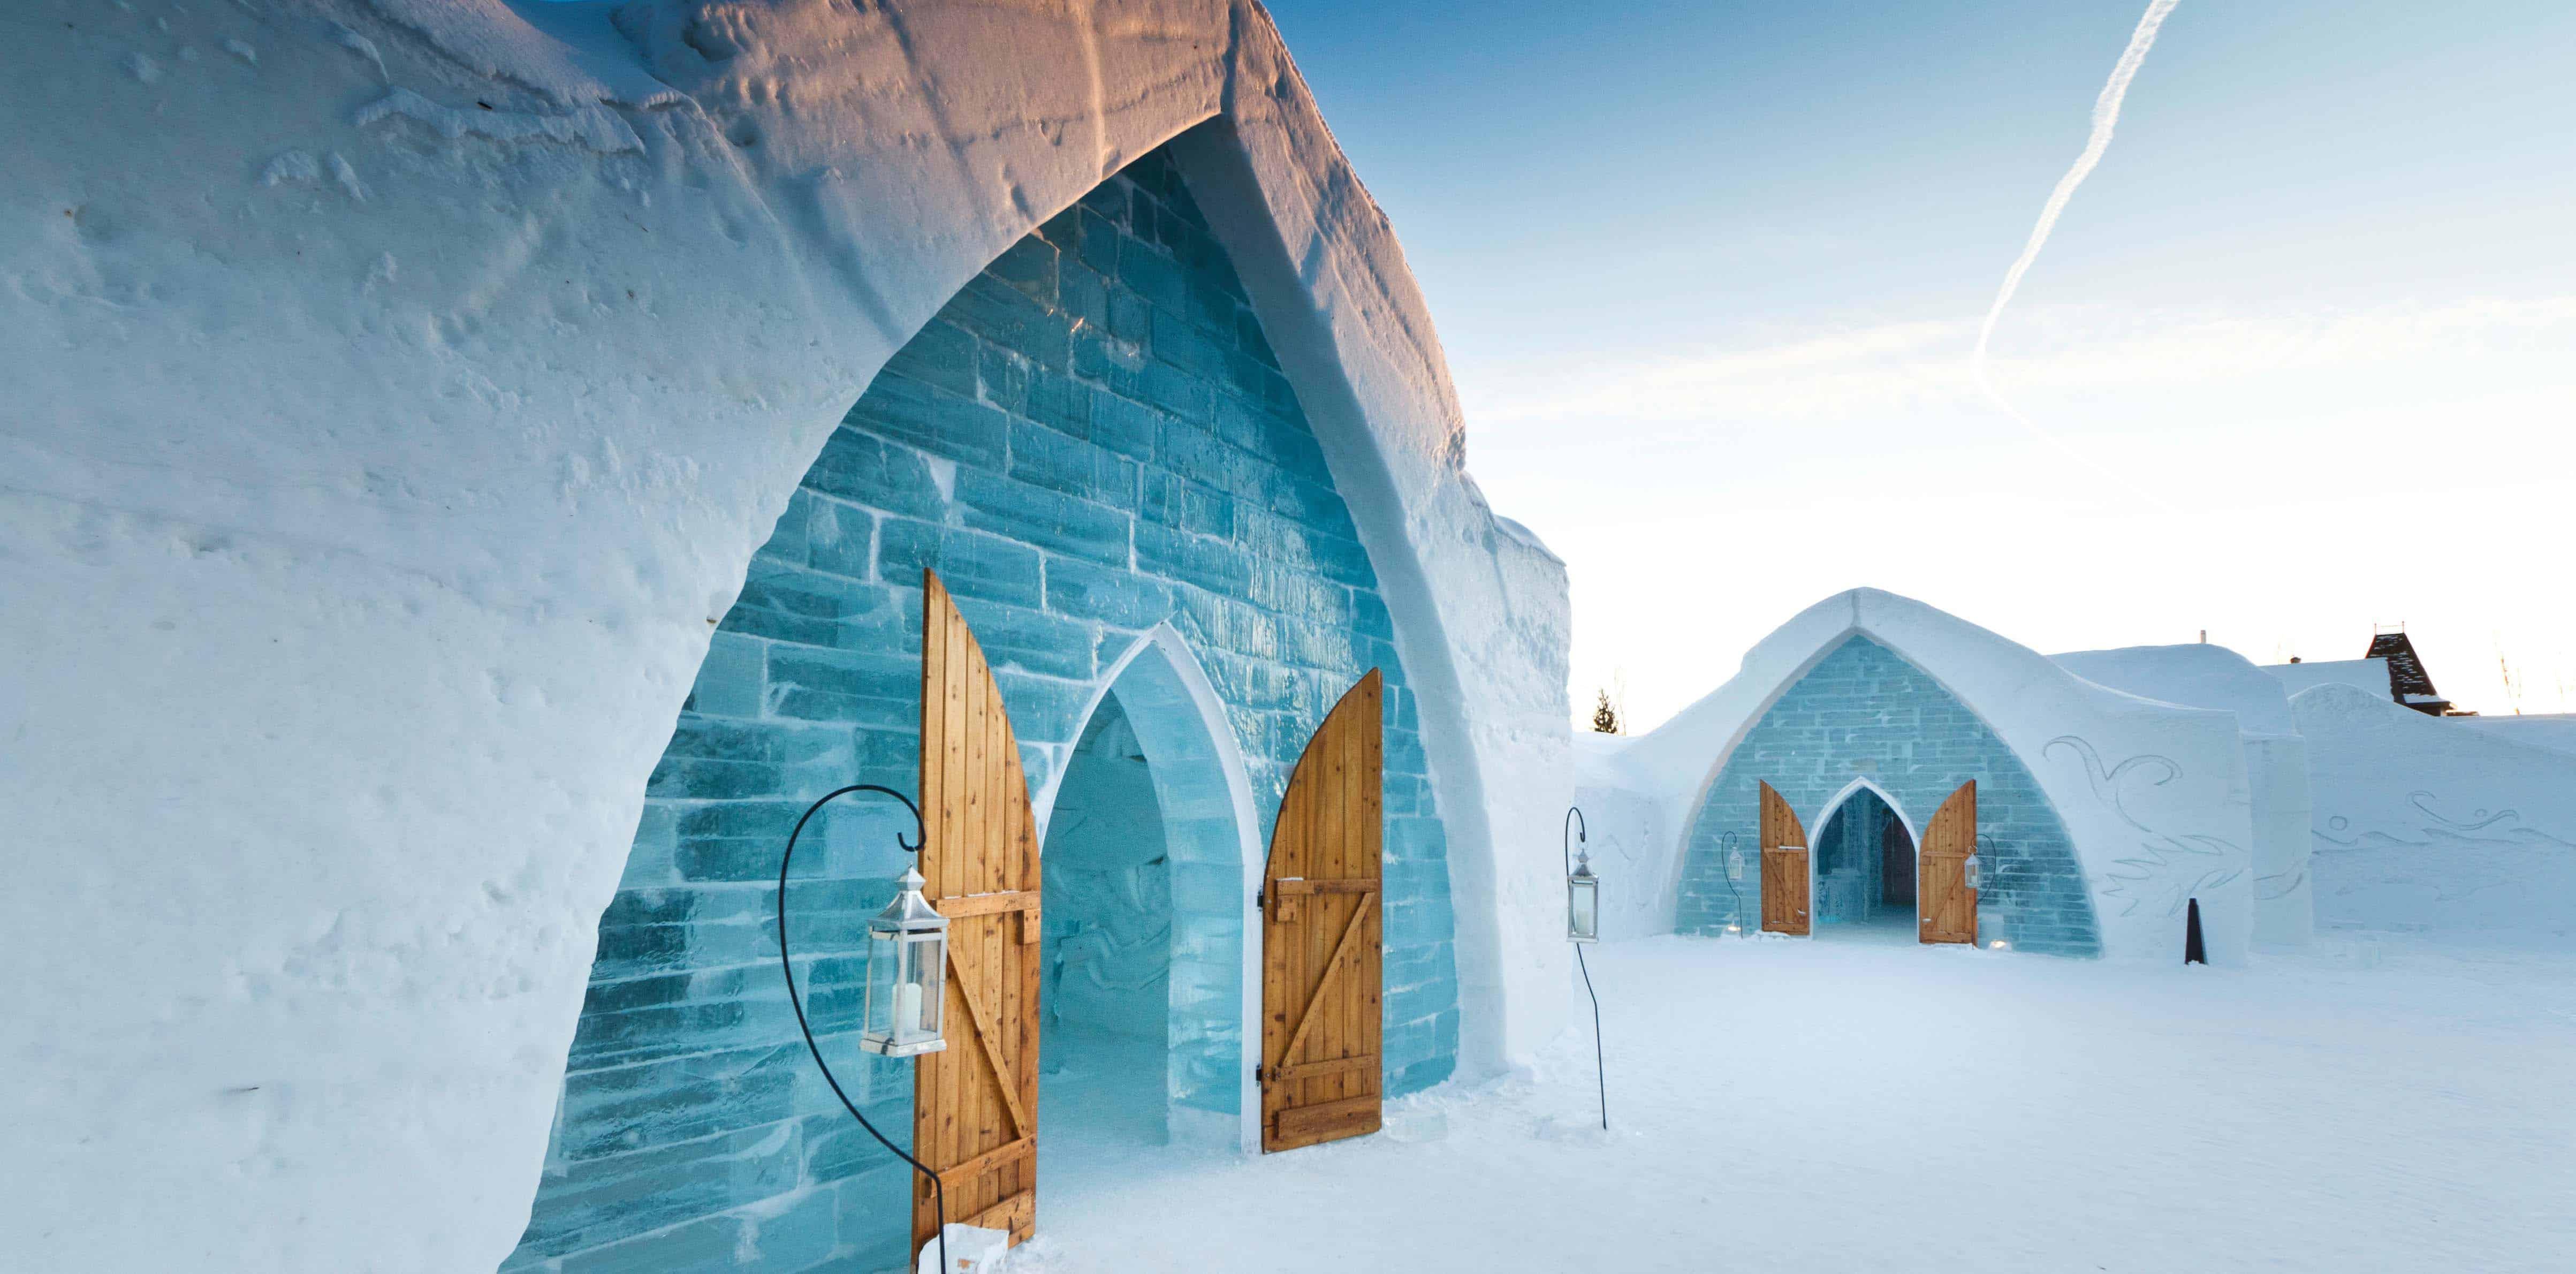 Ice Hotel Quebec, Canada